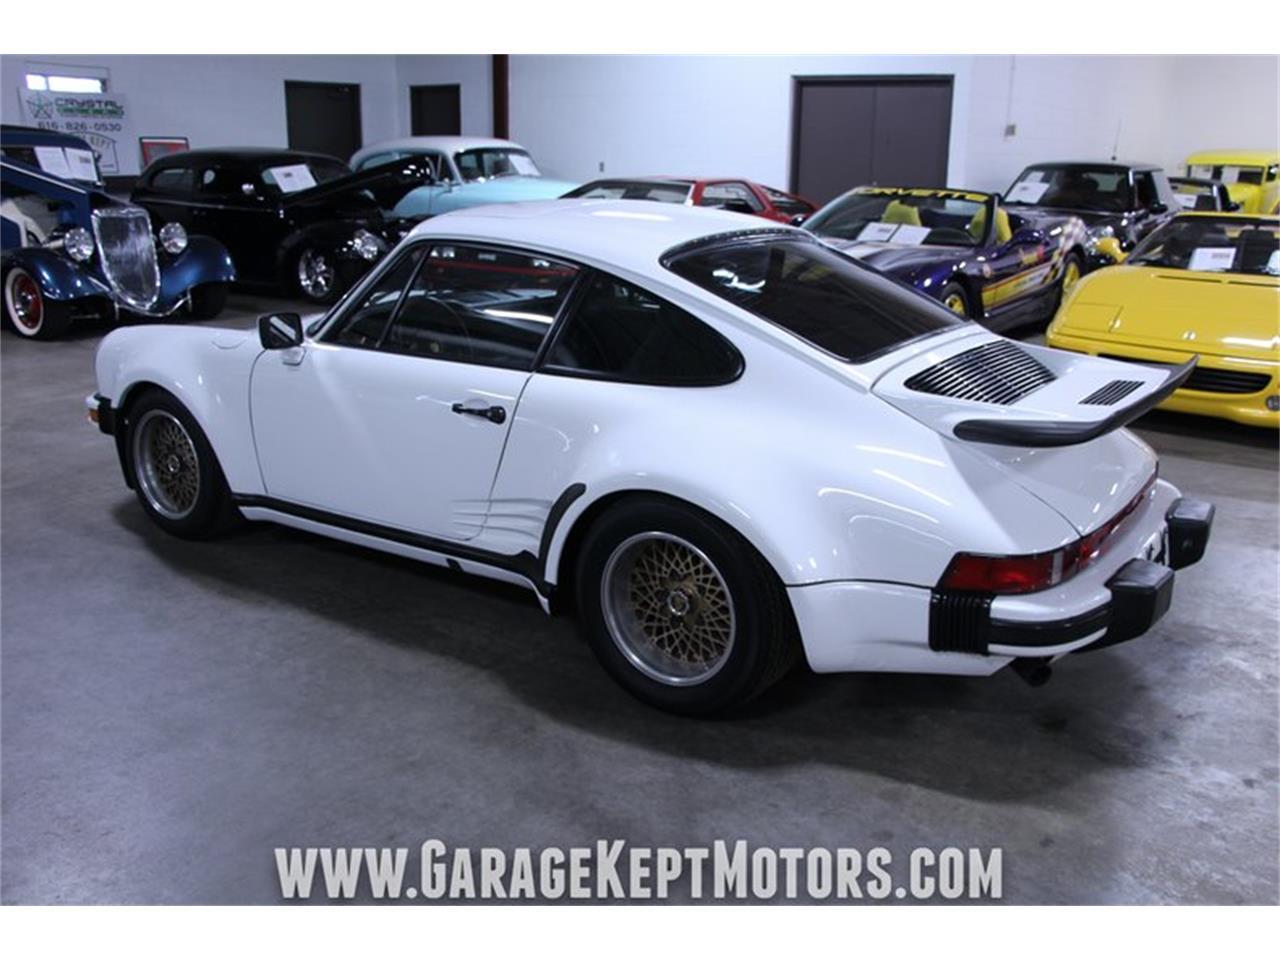 For Sale: 1975 Porsche 911 in Grand Rapids, Michigan